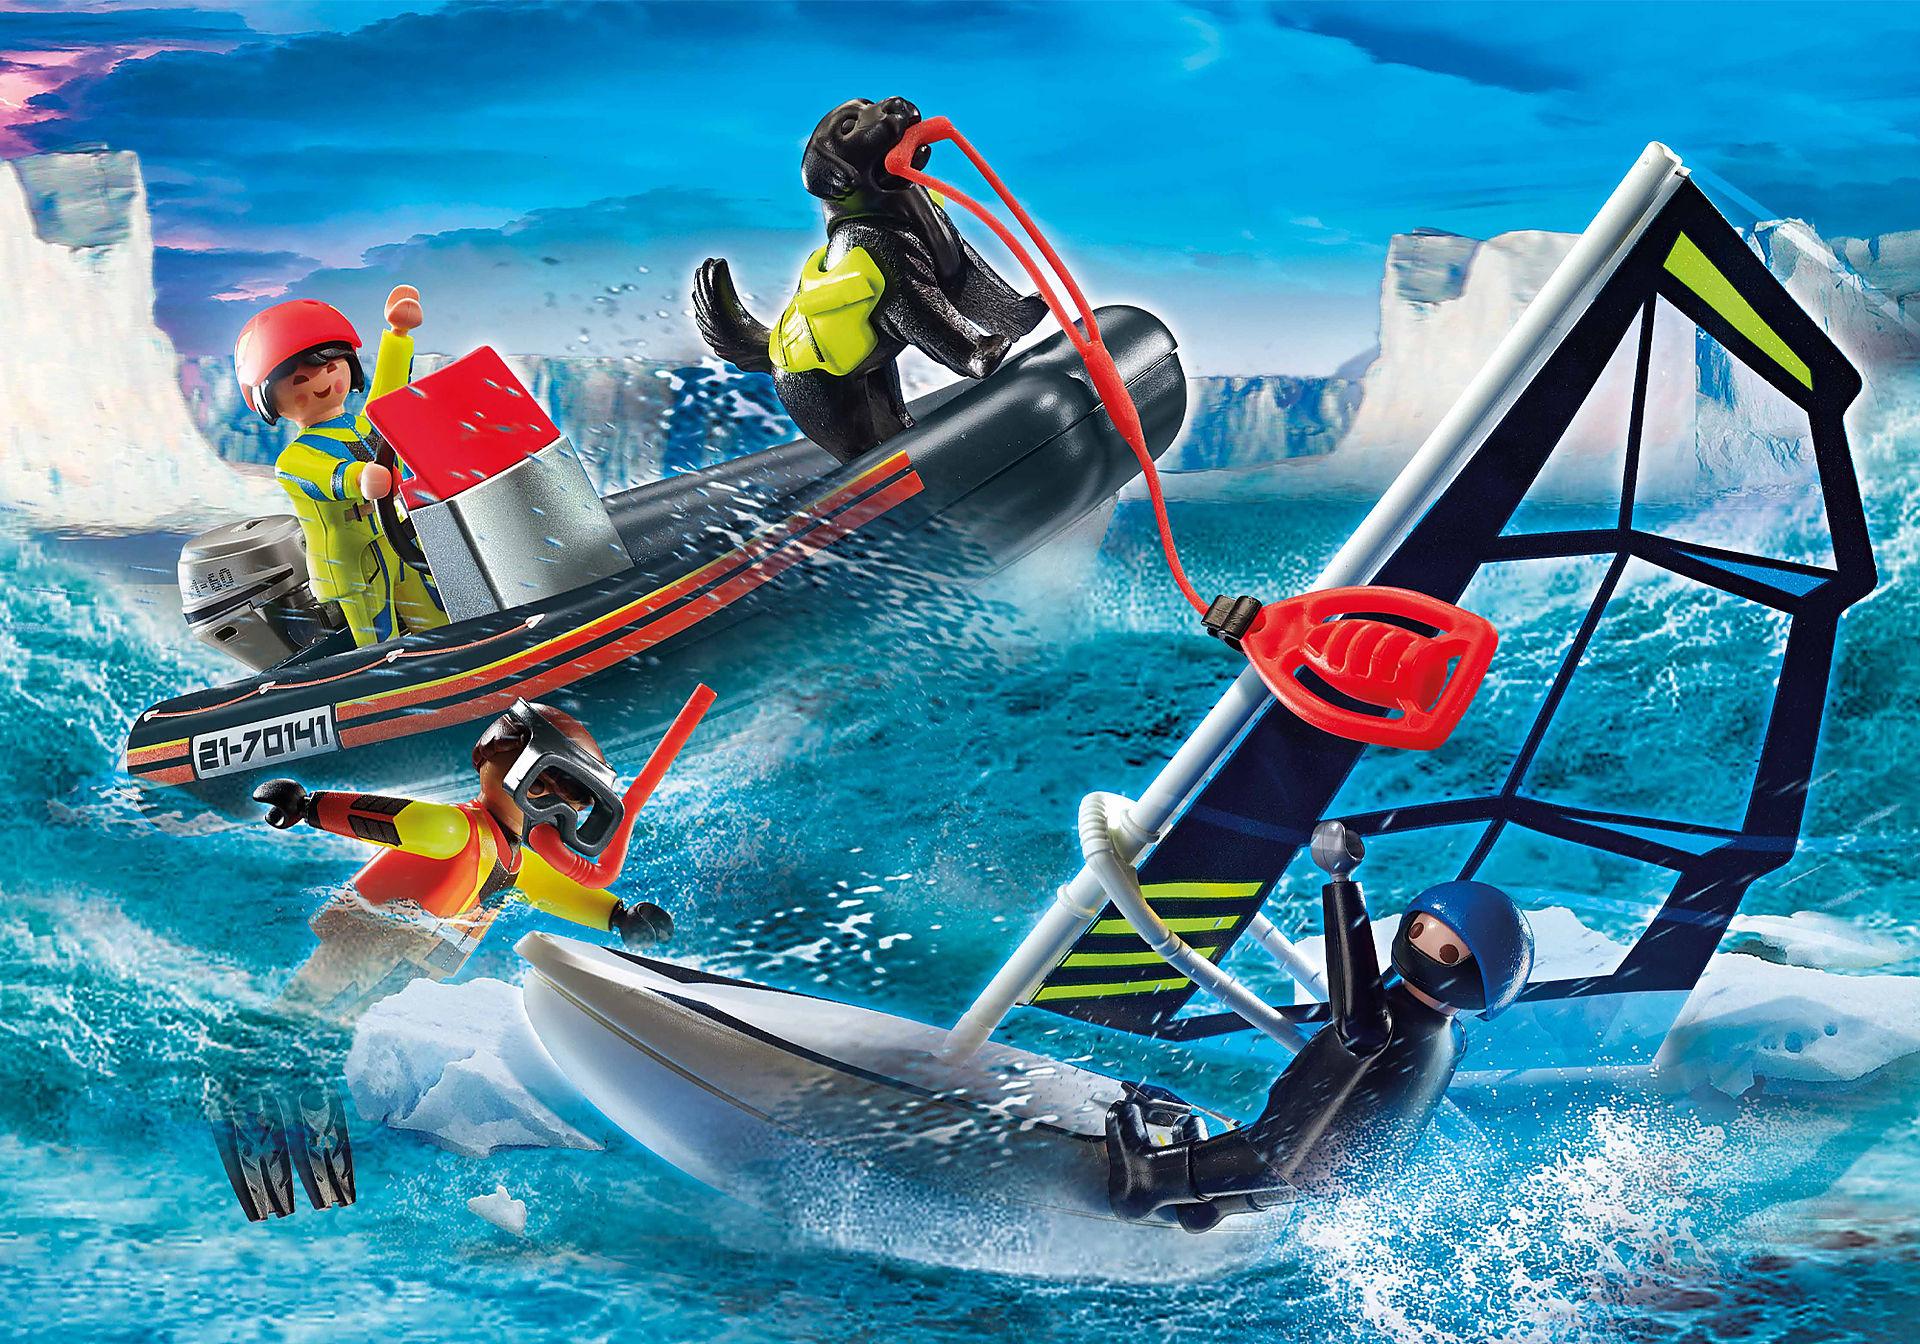 70141 Merihätä: Napaseudun purjehtijoiden pelastus kumiveneellä zoom image1